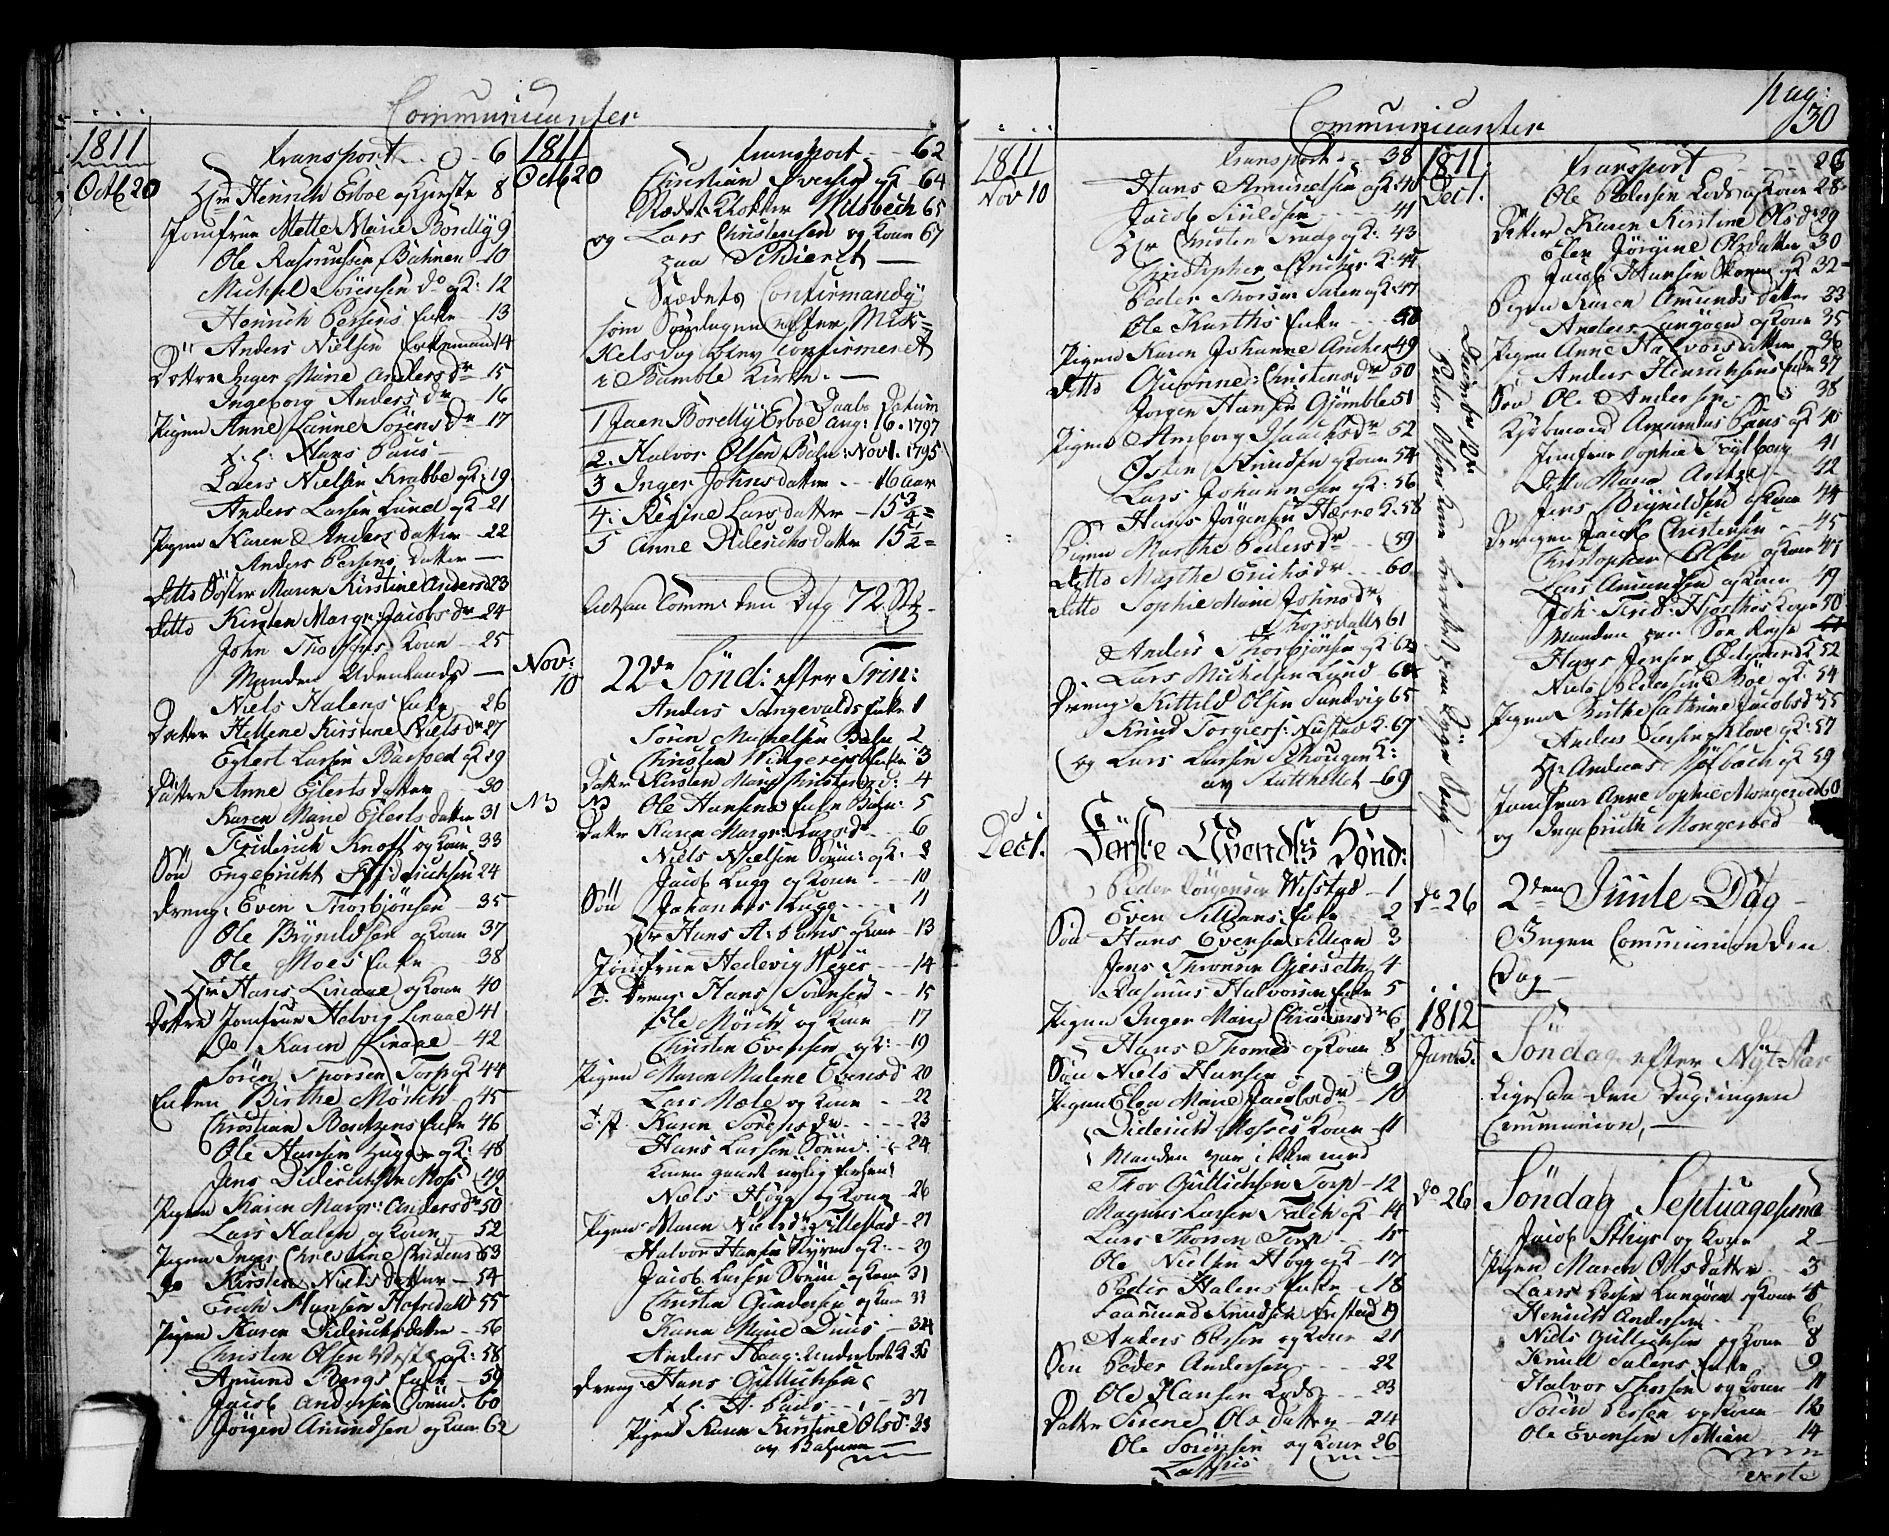 SAKO, Langesund kirkebøker, G/Ga/L0002: Klokkerbok nr. 2, 1801-1815, s. 30